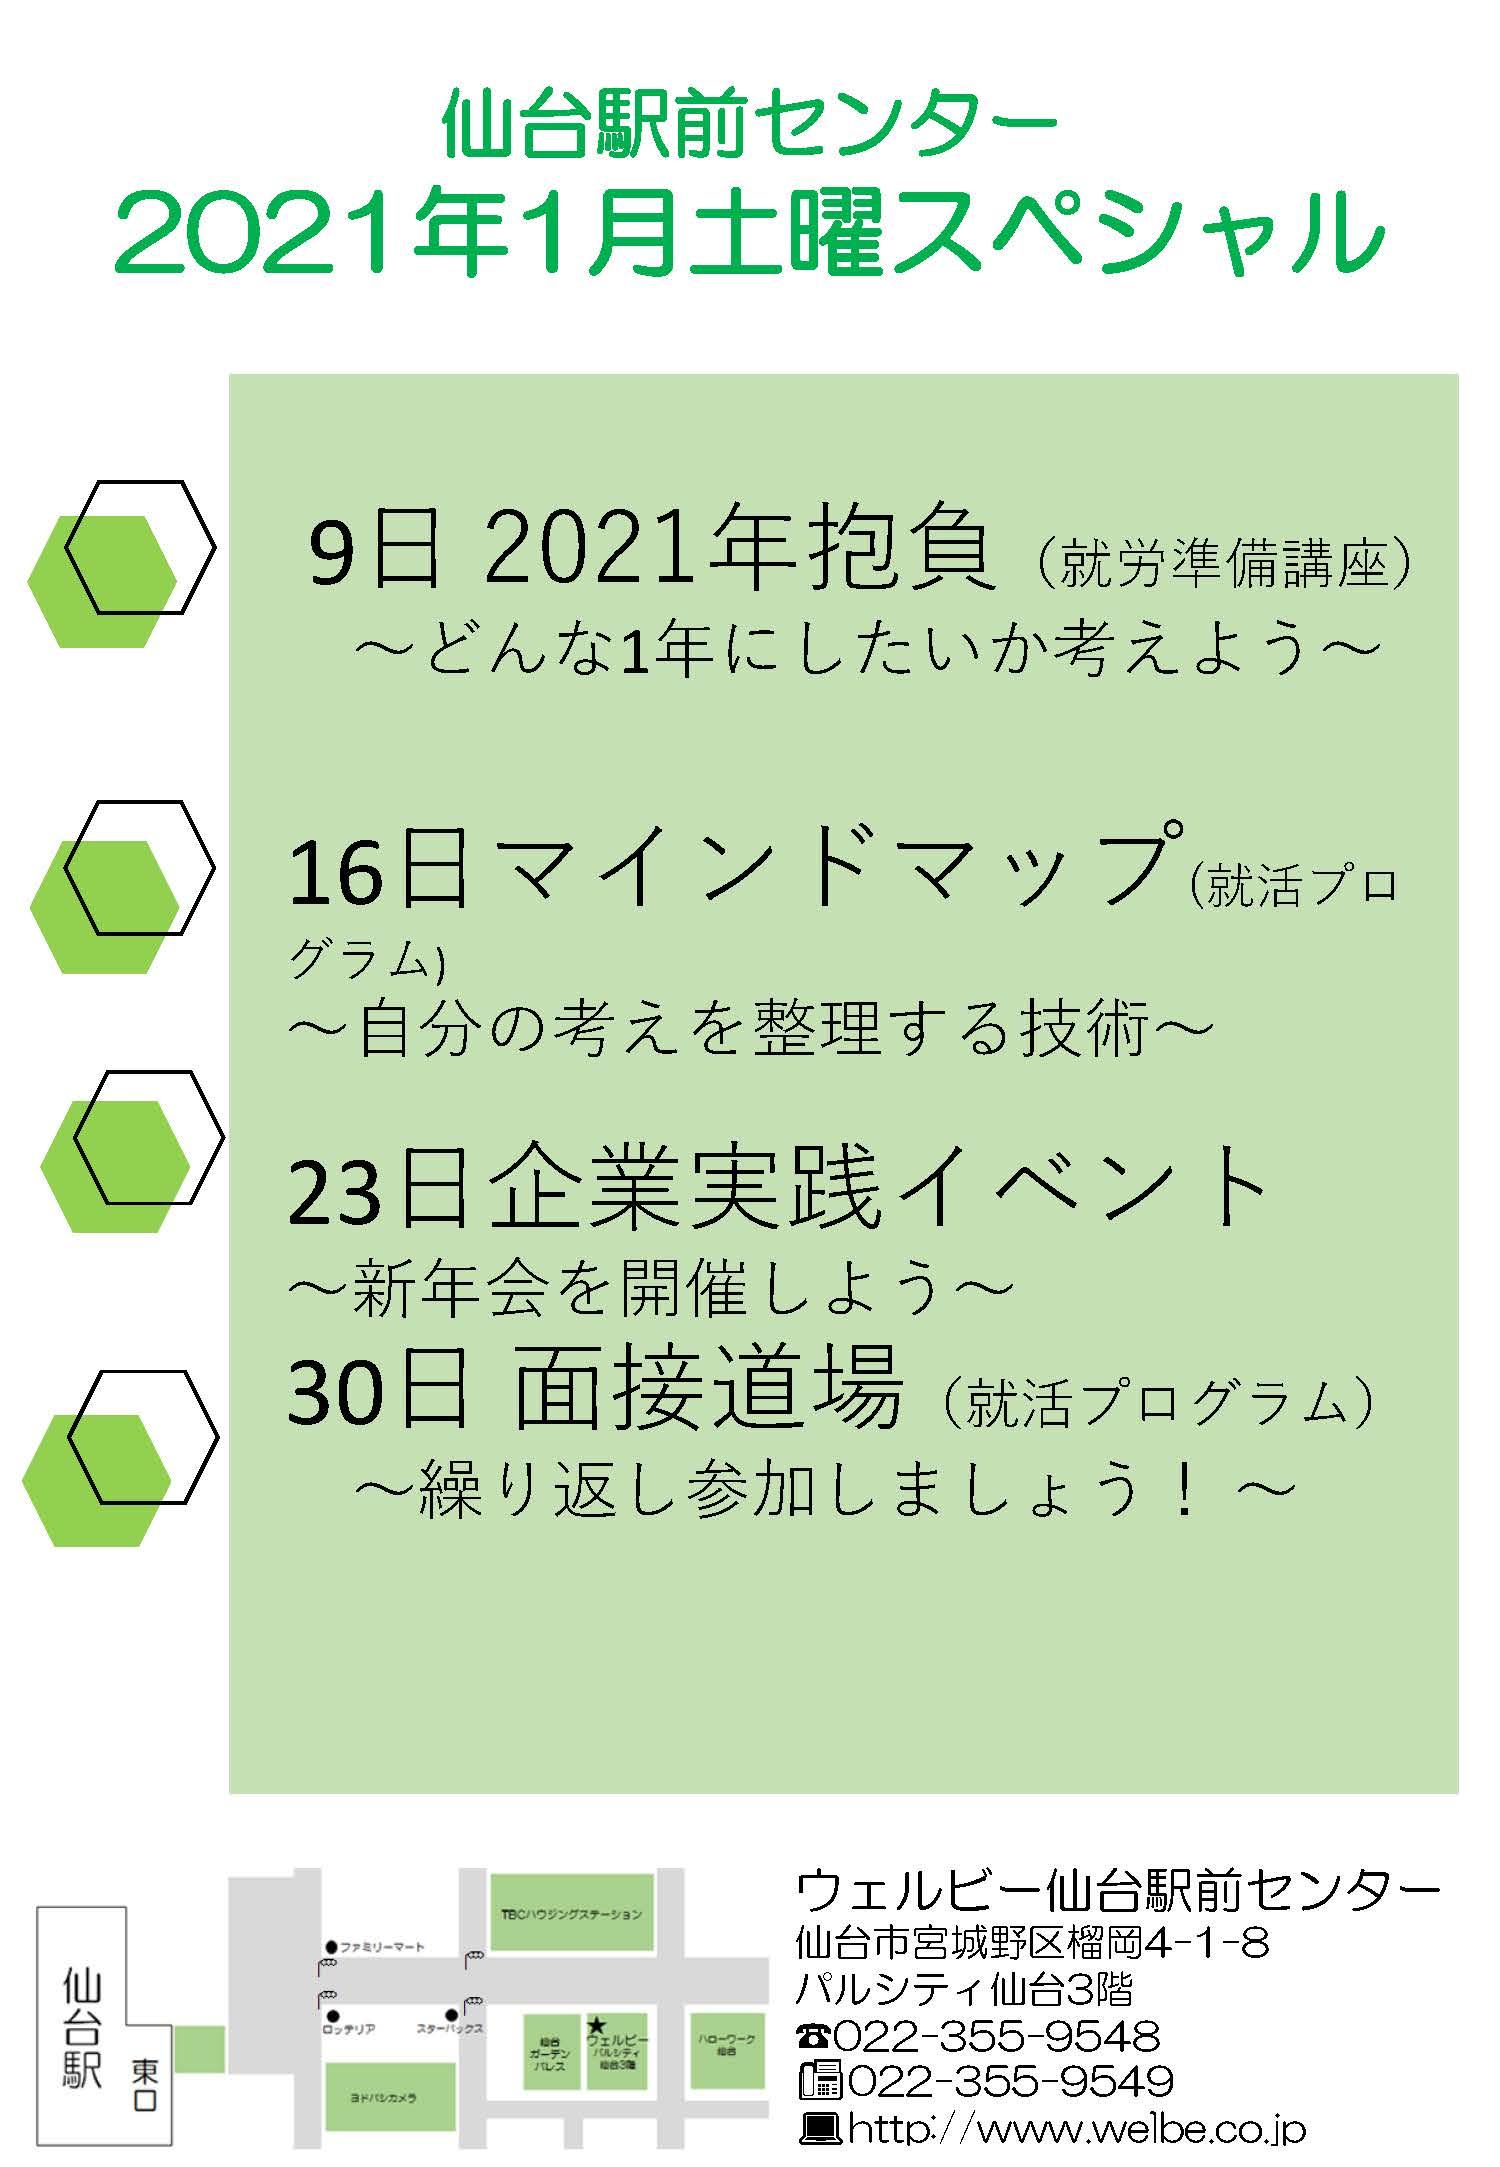 【ウェブ掲載】20200104写真①